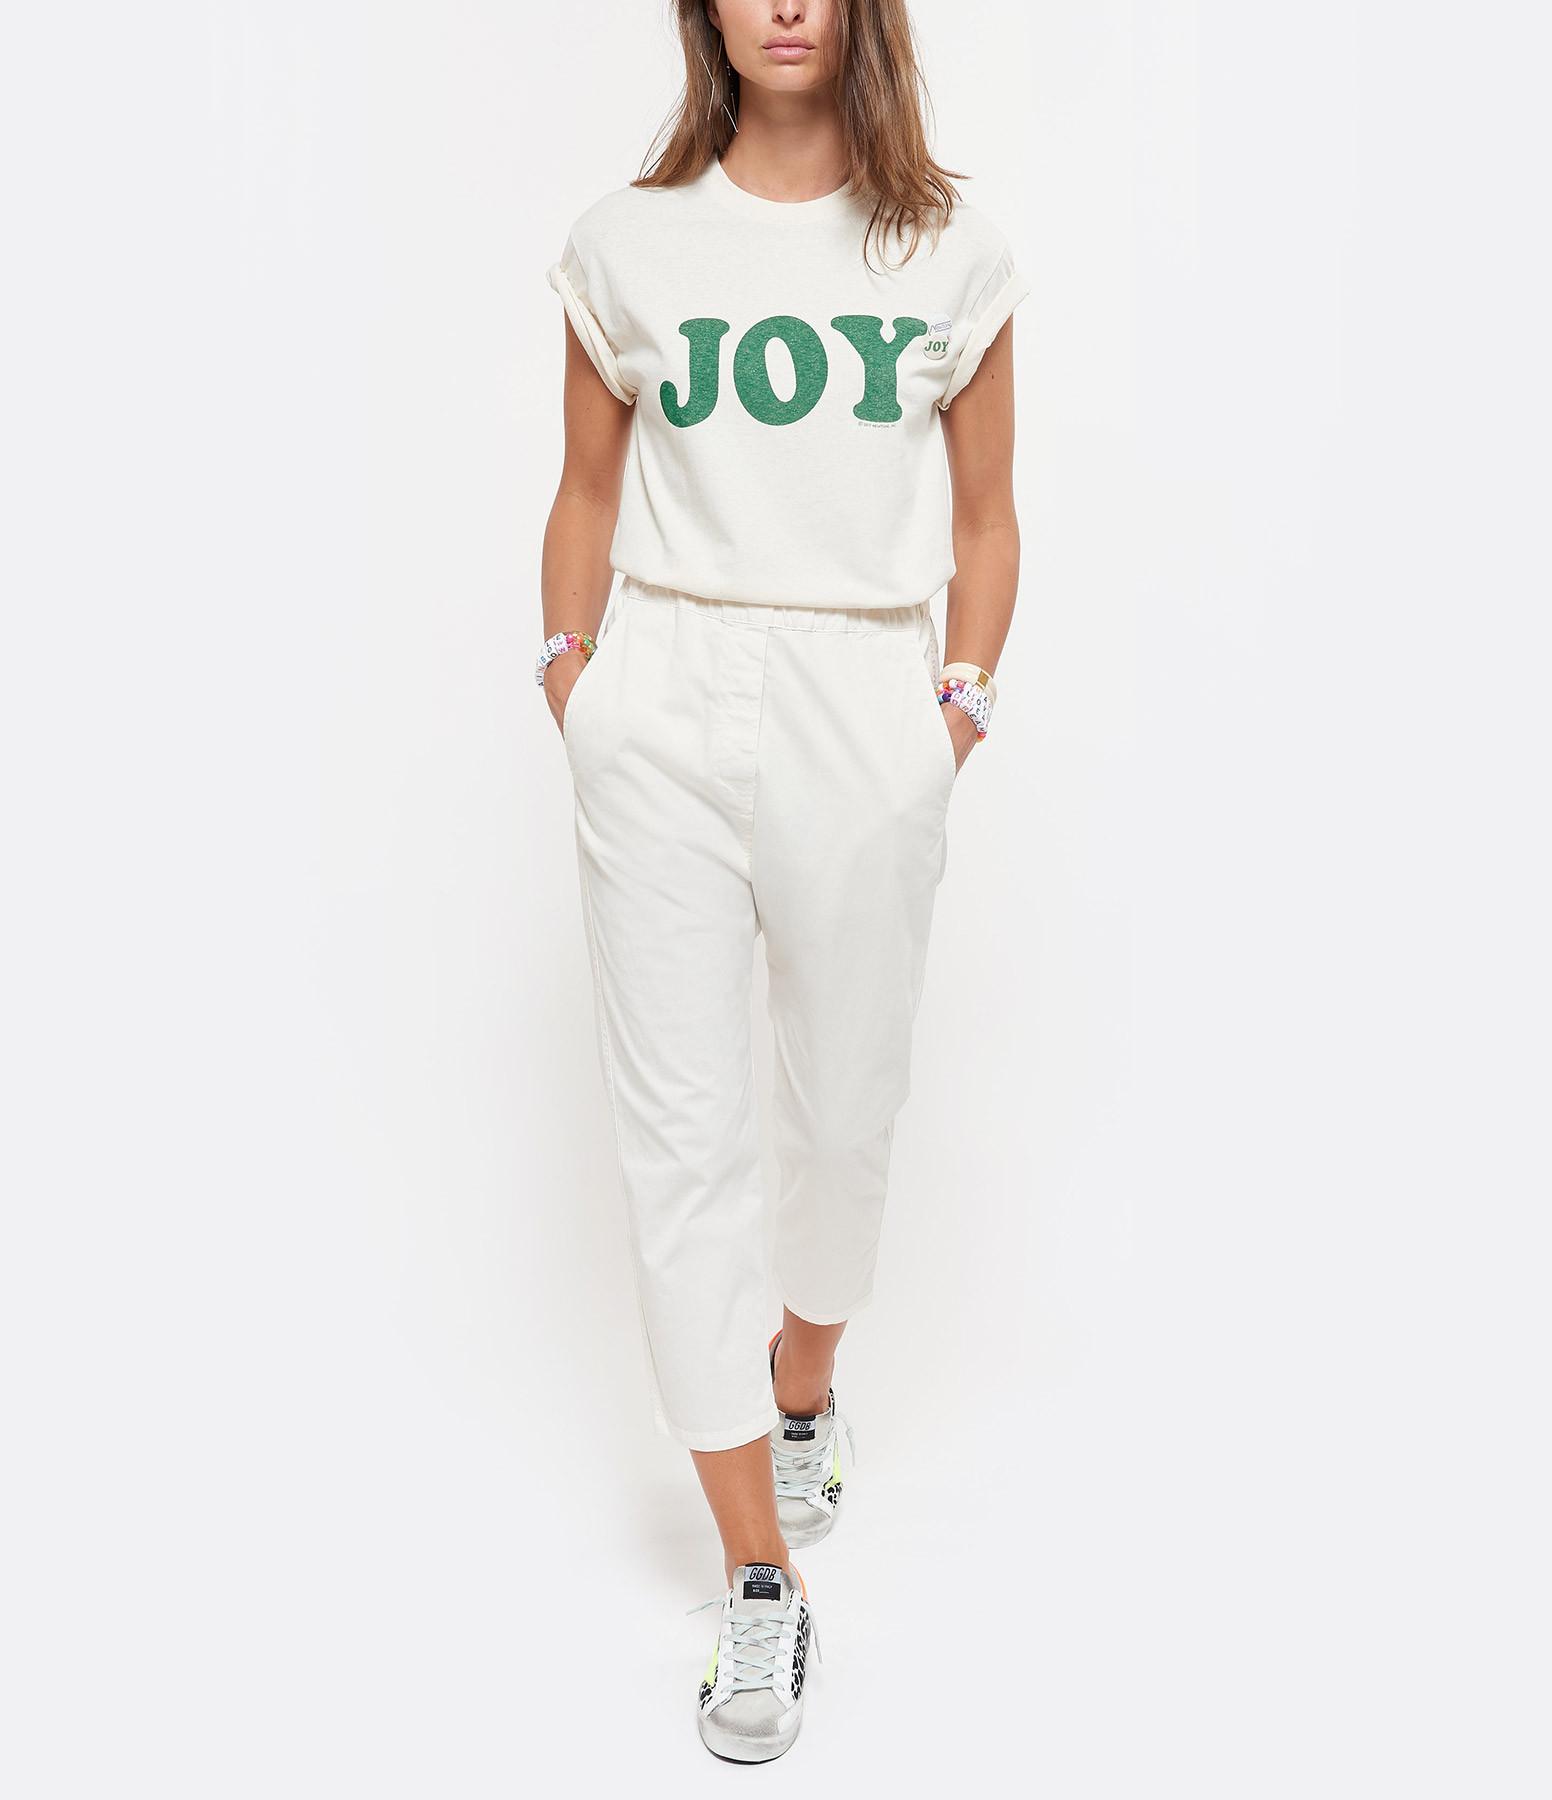 NEWTONE - Tee-shirt Joy Coton Naturel